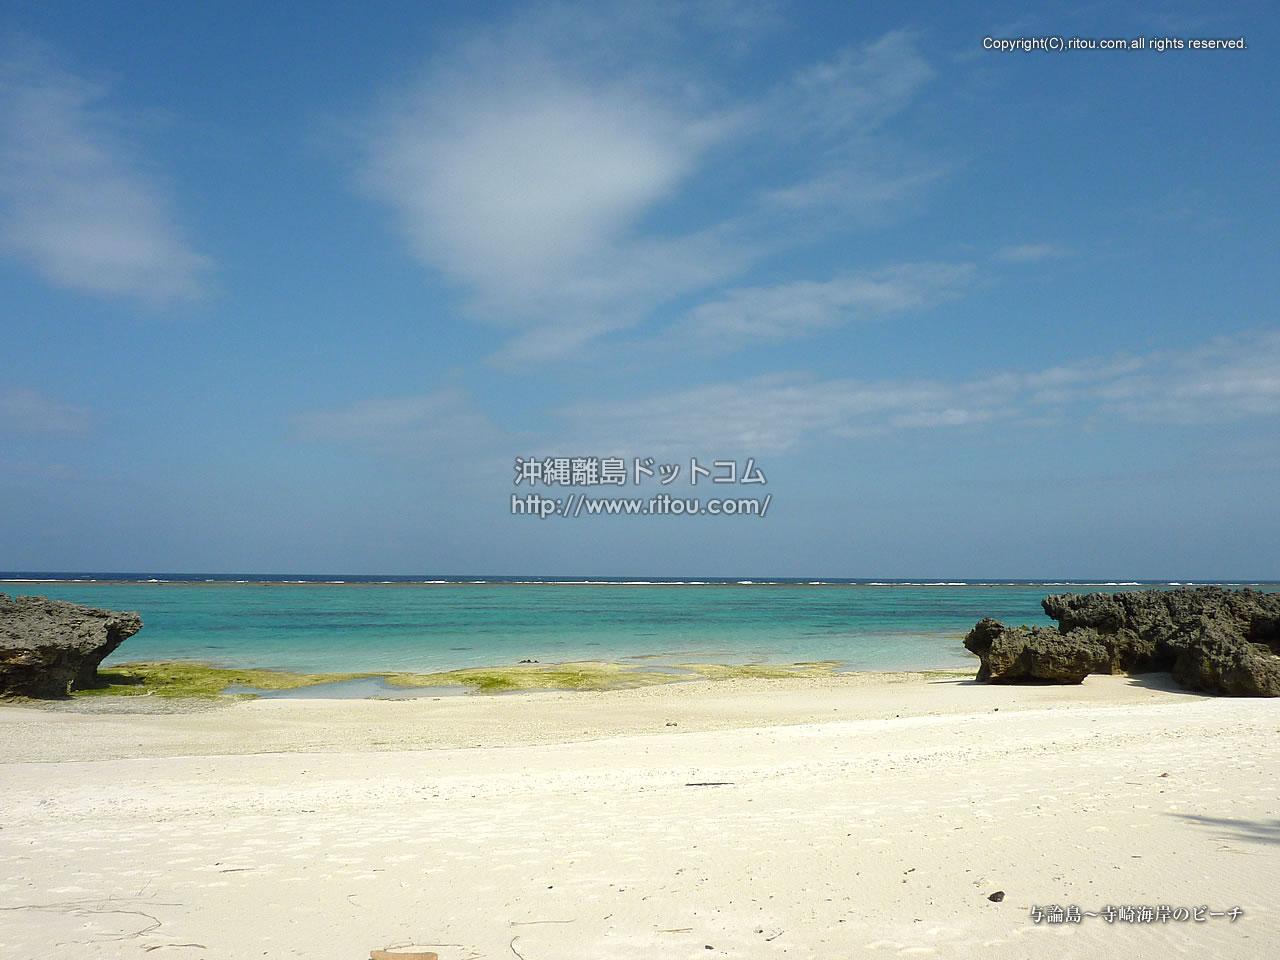 与論島〜寺崎海岸のビーチ